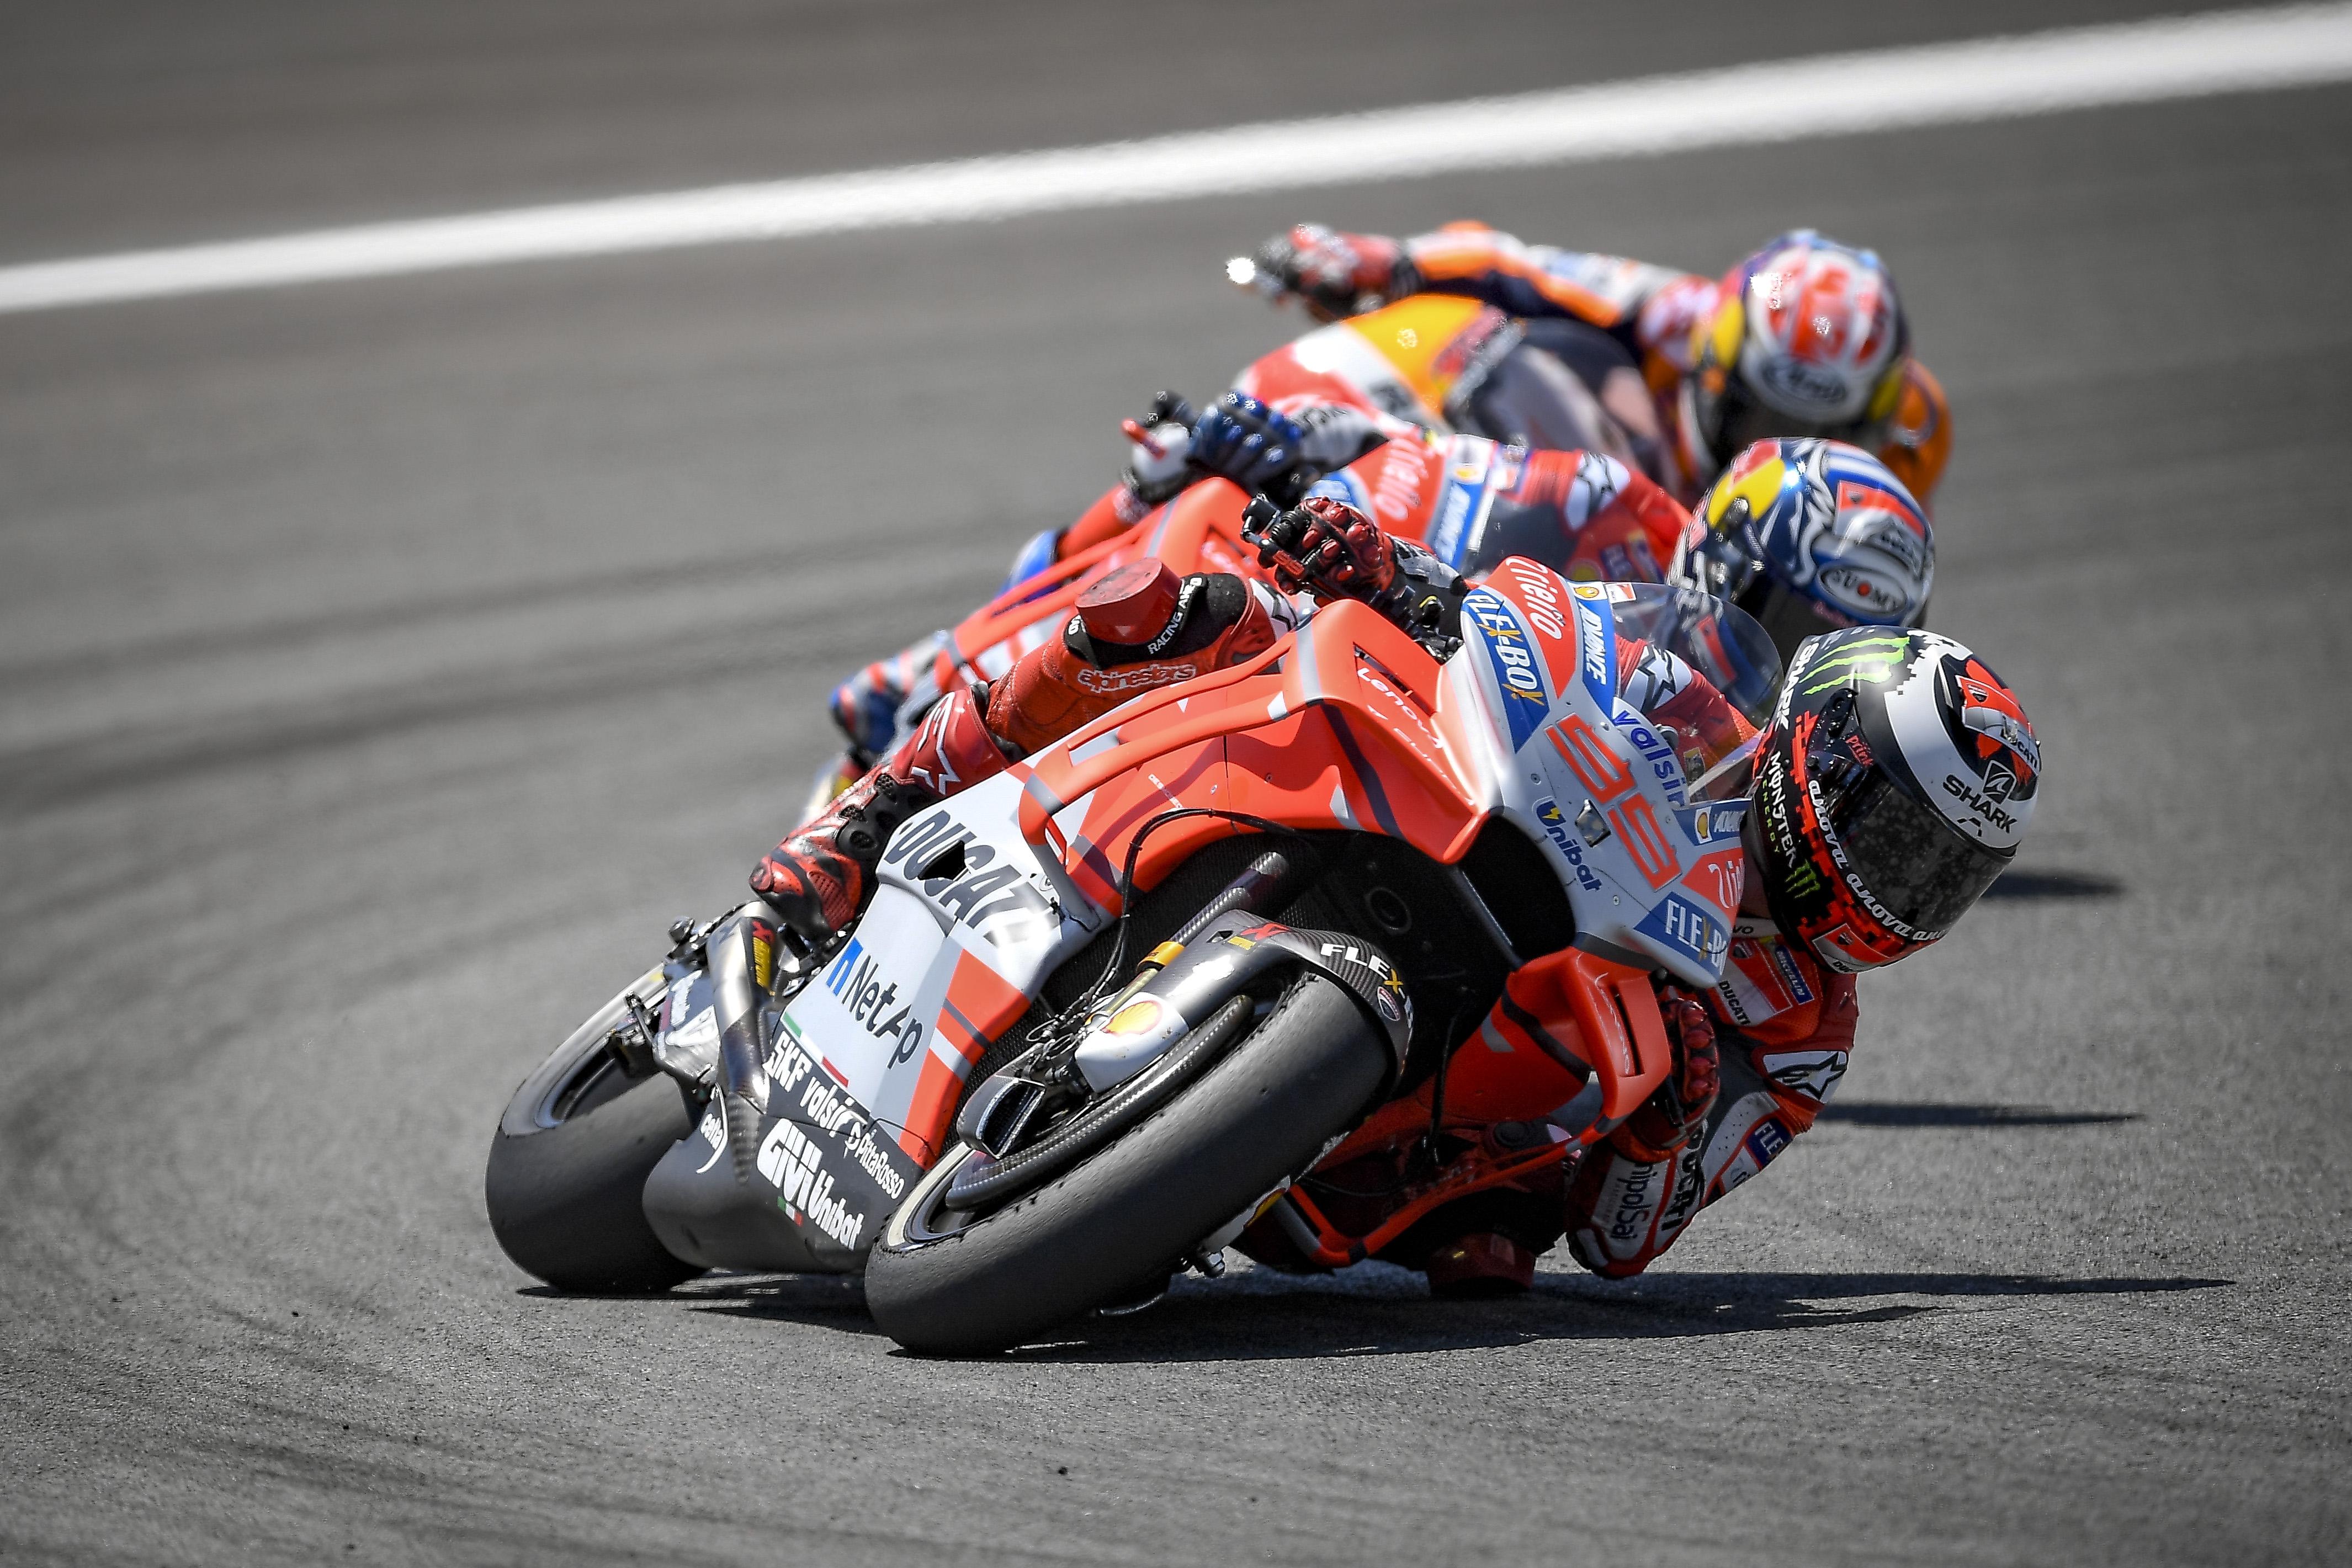 Etiqueta en pista, las normas no escritas que provocaron el incidente de Dani Pedrosa, Jorge Lorenzo y Andrea Dovizioso